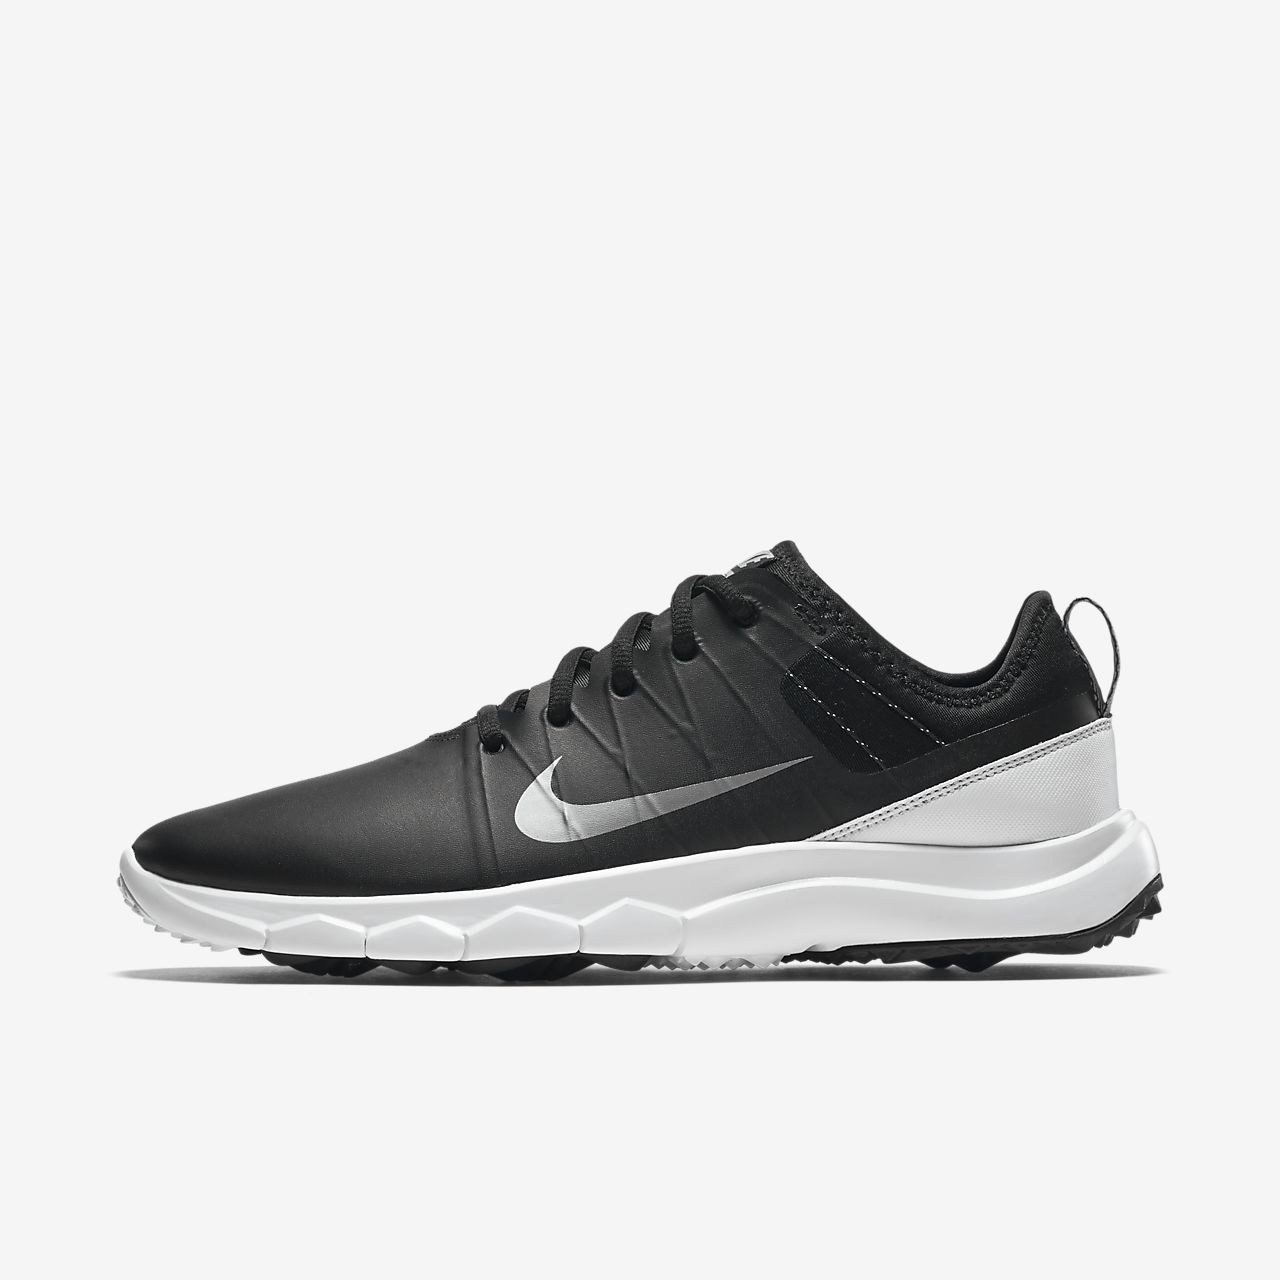 Nike FI Impact 2 Damen-Golfschuh